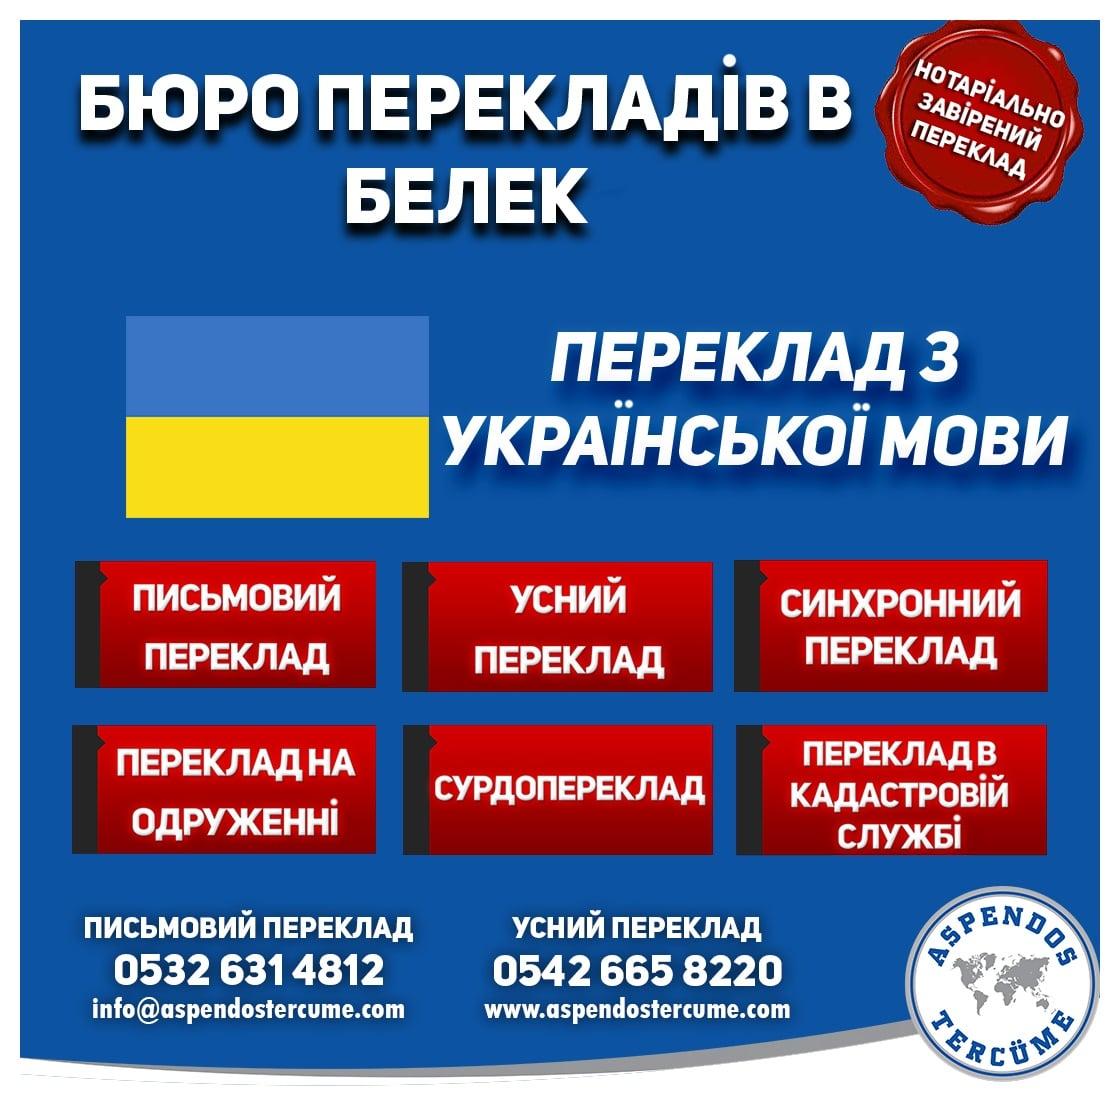 белек_бюро_перекладів_український_переклад